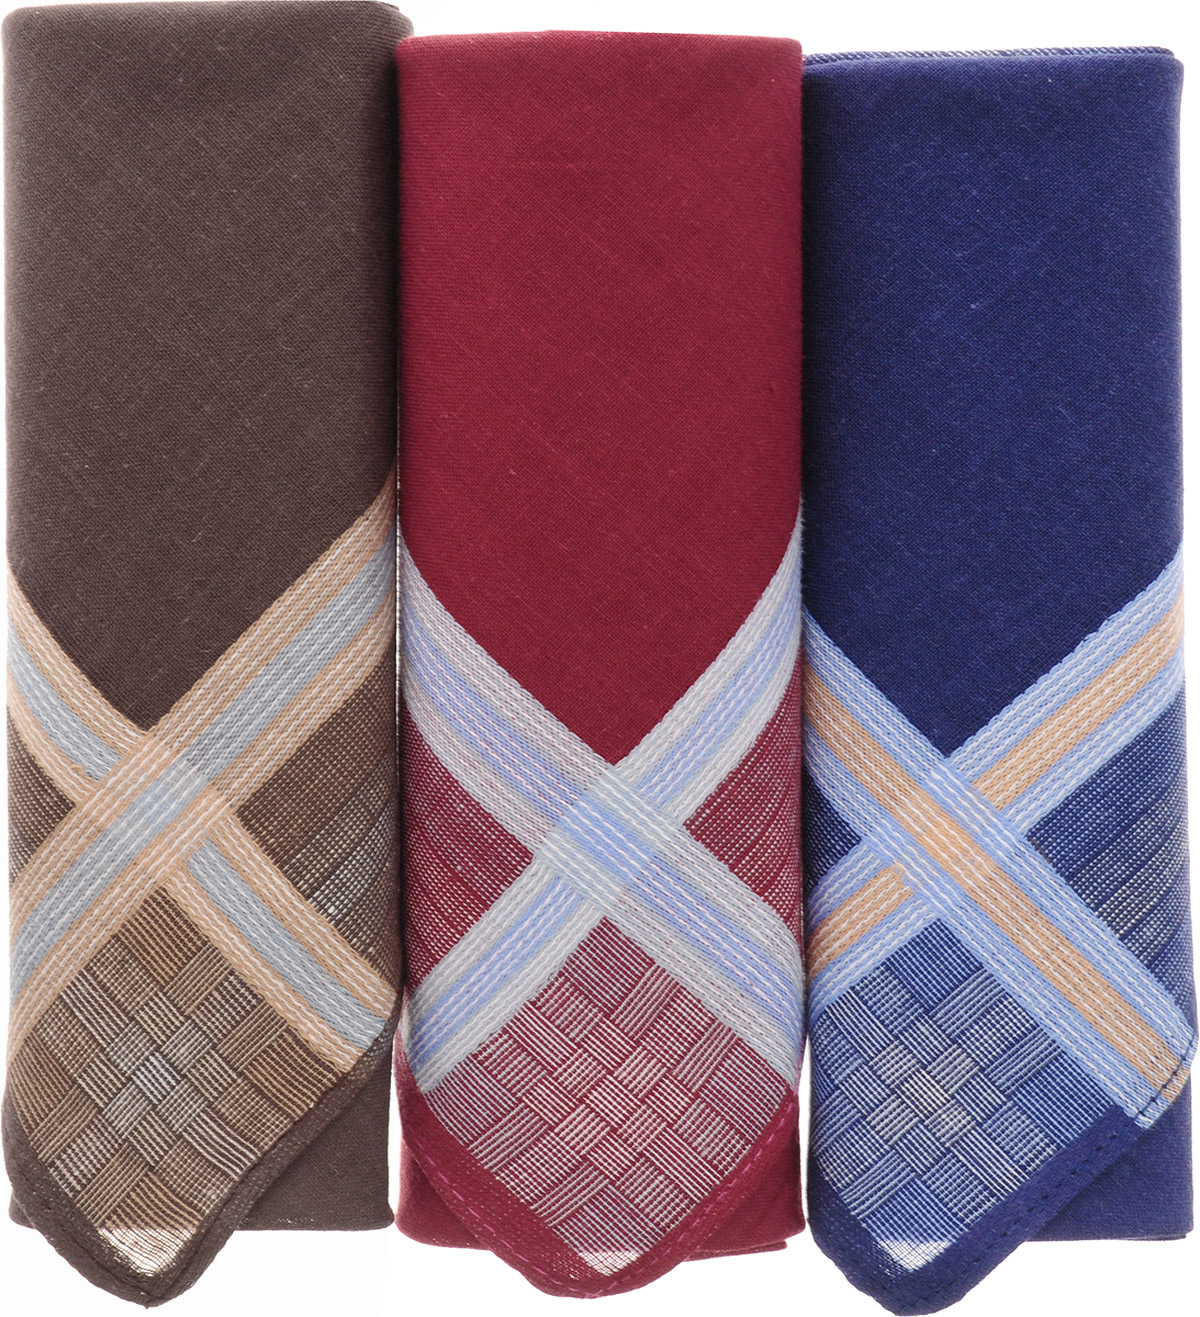 Платок носовой мужской Zlata Korunka, цвет: бордовый, синий, коричневый, 3 шт. 40315-1. Размер 43 см х 43 смСерьги с подвескамиМужской носовой платой Zlata Korunka изготовлен из натурального хлопка, приятен в использовании, хорошо стирается, материал не садится и отлично впитывает влагу. Оформлена модель контрастным принтом.